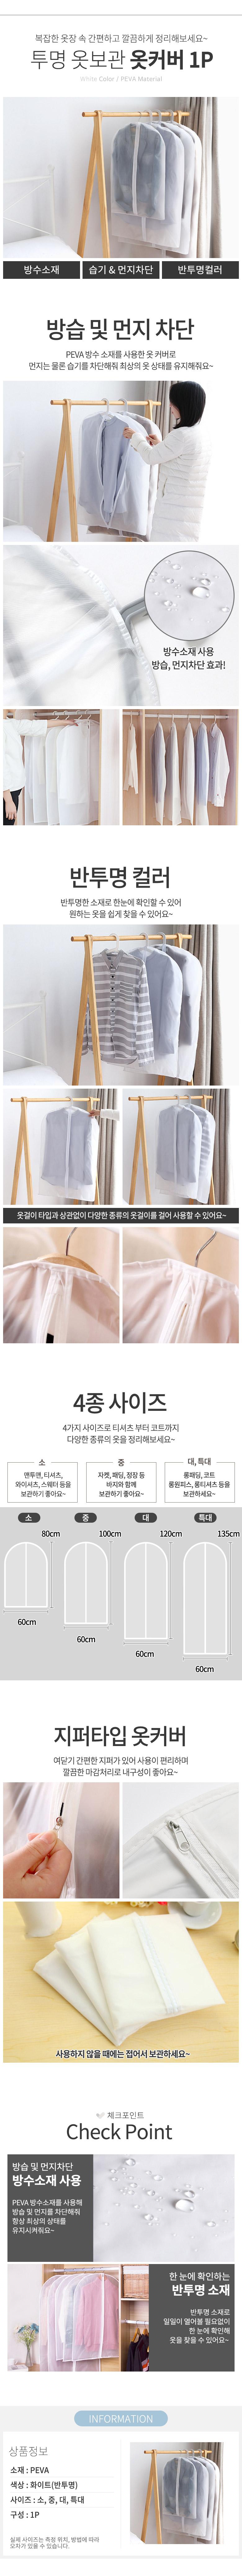 투명 옷보관 의류커버 1p - 삼도, 1,900원, 의류커버/압축팩, 의류 커버